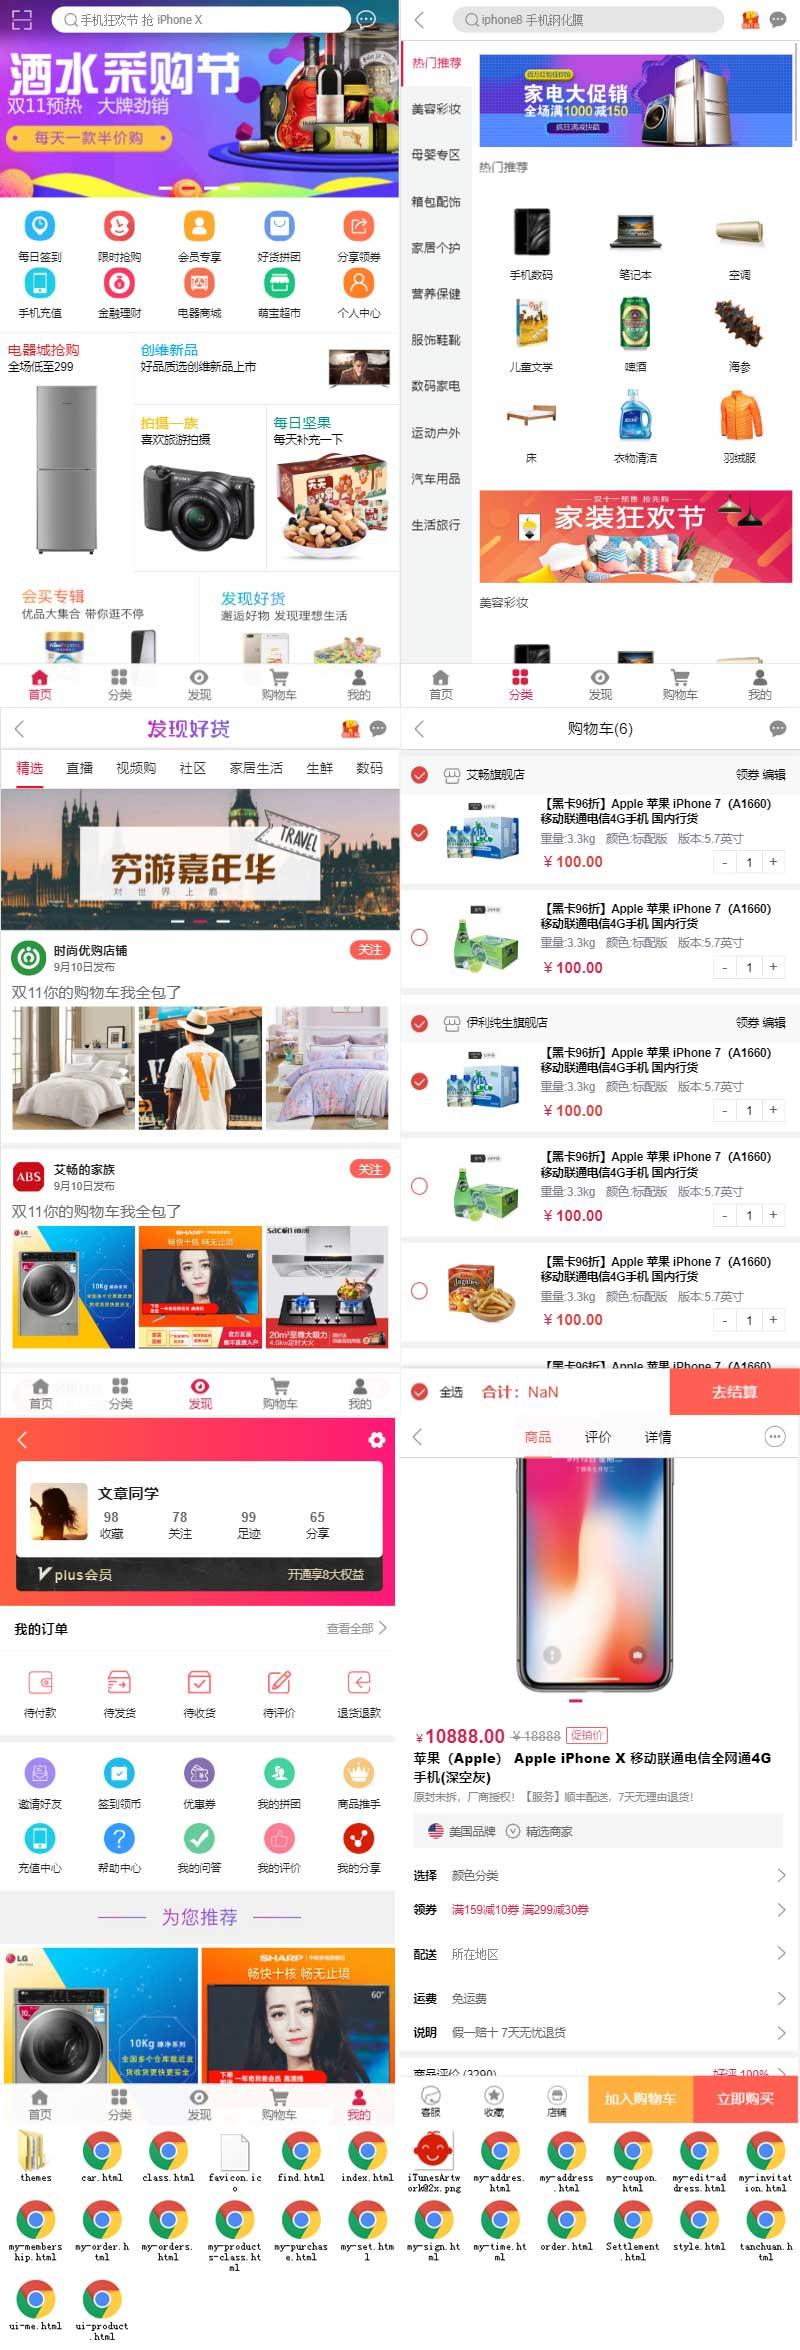 H5仿淘宝移动端大型综合购物商城app模板